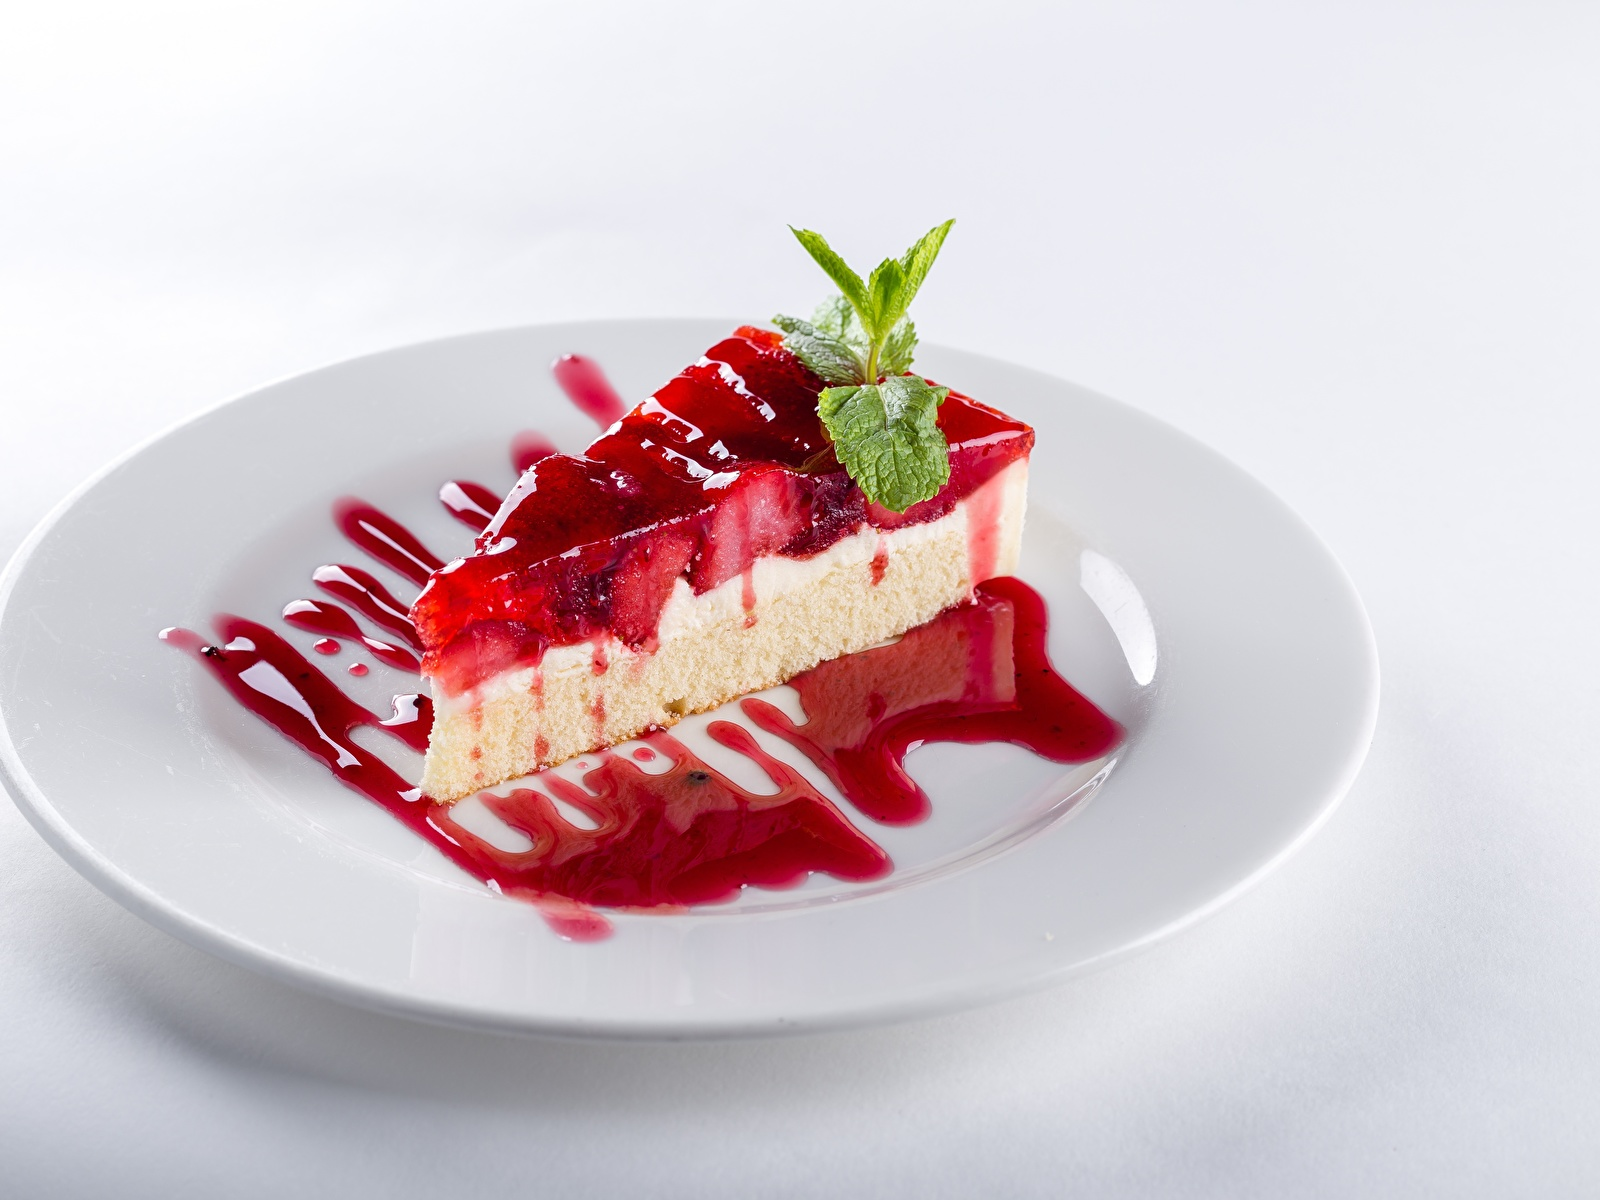 Фото Торты кусочек тарелке Продукты питания Белый фон 1600x1200 часть Кусок кусочки Еда Пища Тарелка белом фоне белым фоном